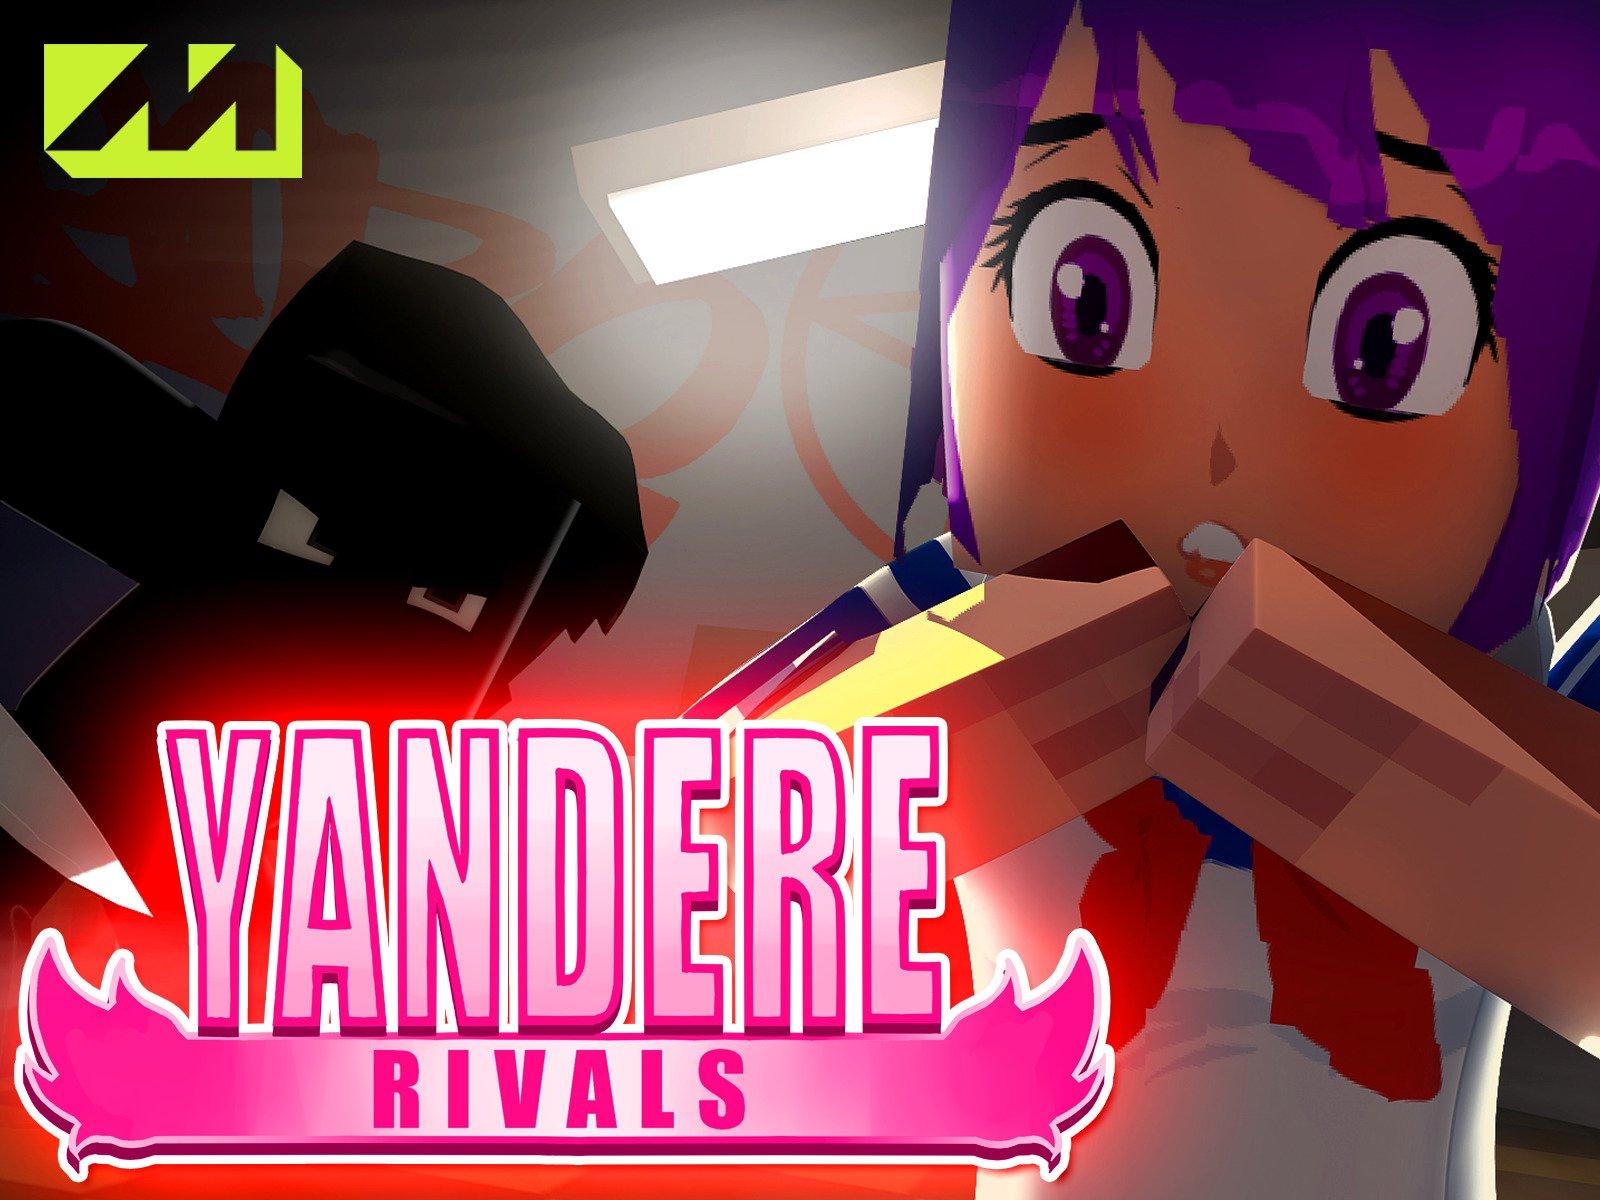 Amazon com: Watch Clip: Yandere Rivals | Prime Video